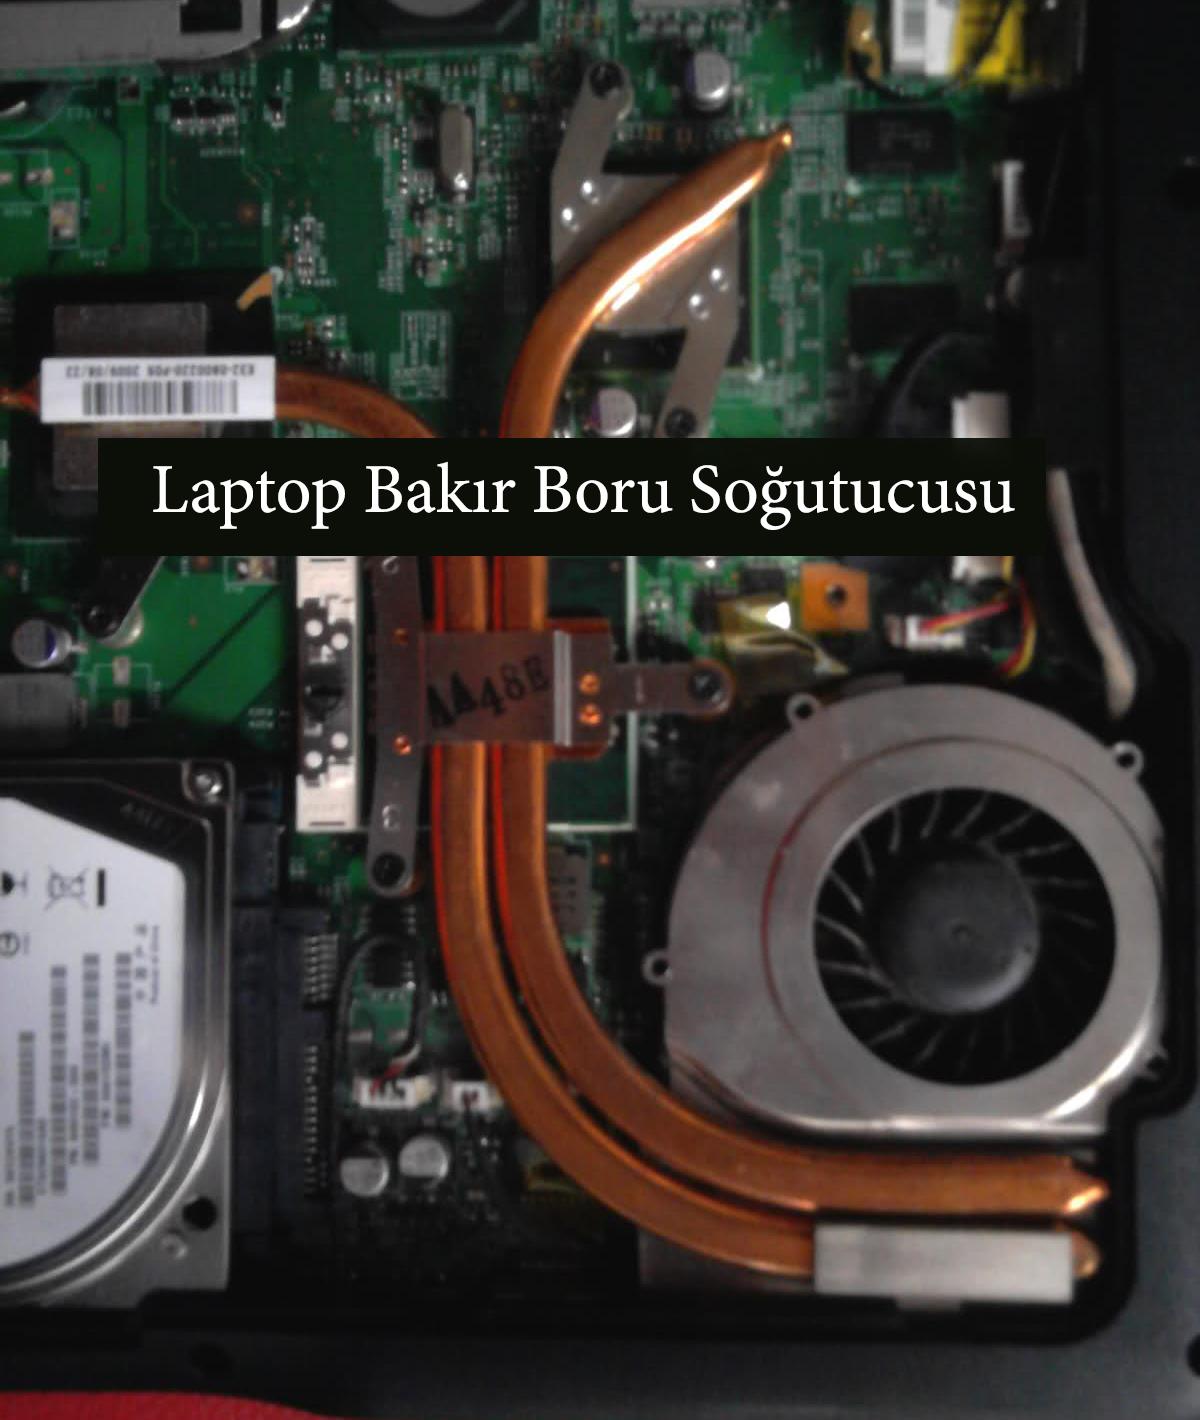 laptop bakır boru nedir